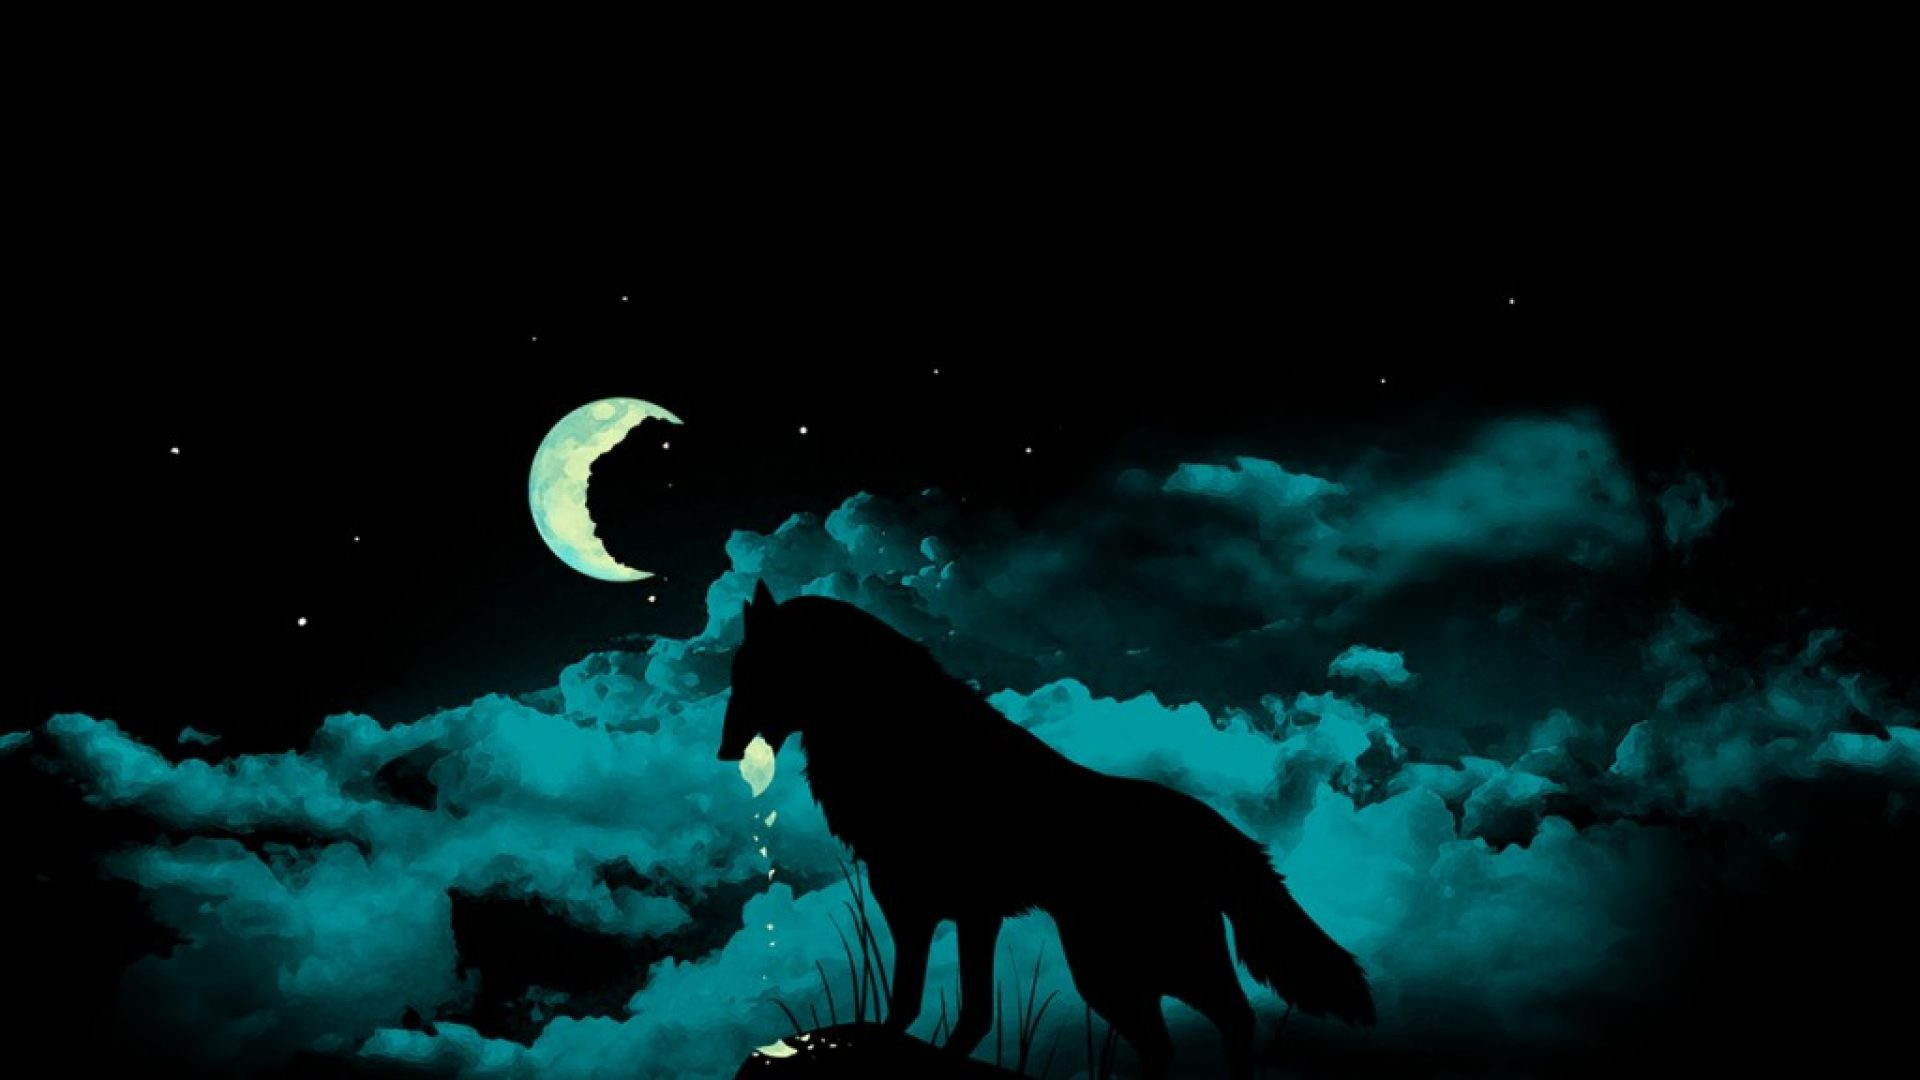 Lobo en la noche 1920x1080 fondos de pantalla y for Fondo de pantalla 1080 x 1920